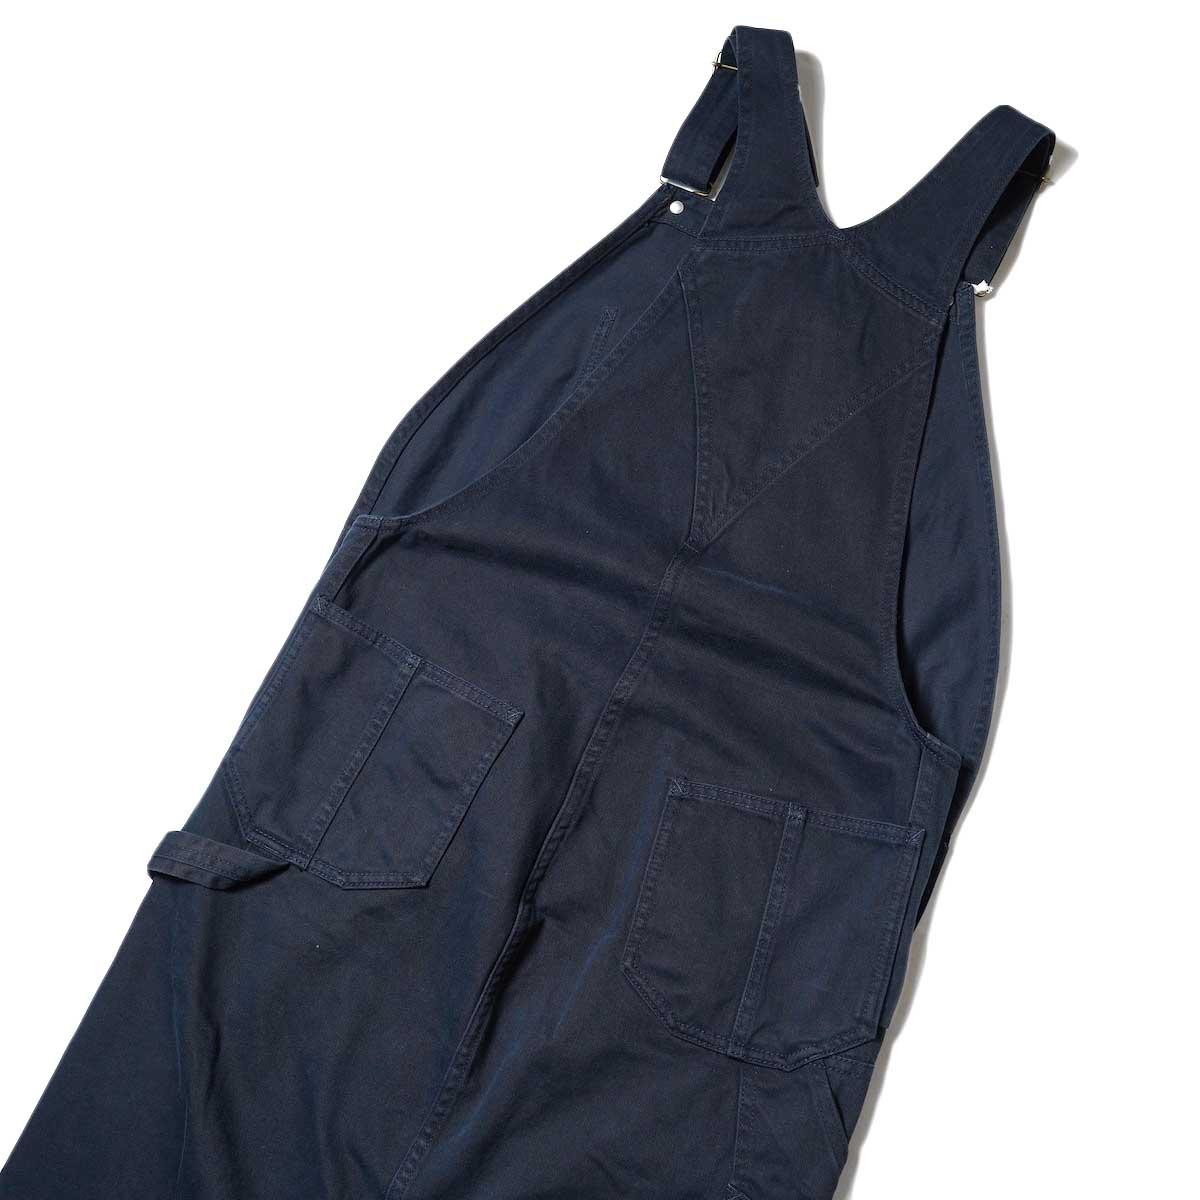 BLUEBIRD BOULEVARD / Classic Warm Worker Satin Jumper Dress (Navy) 背面アップ